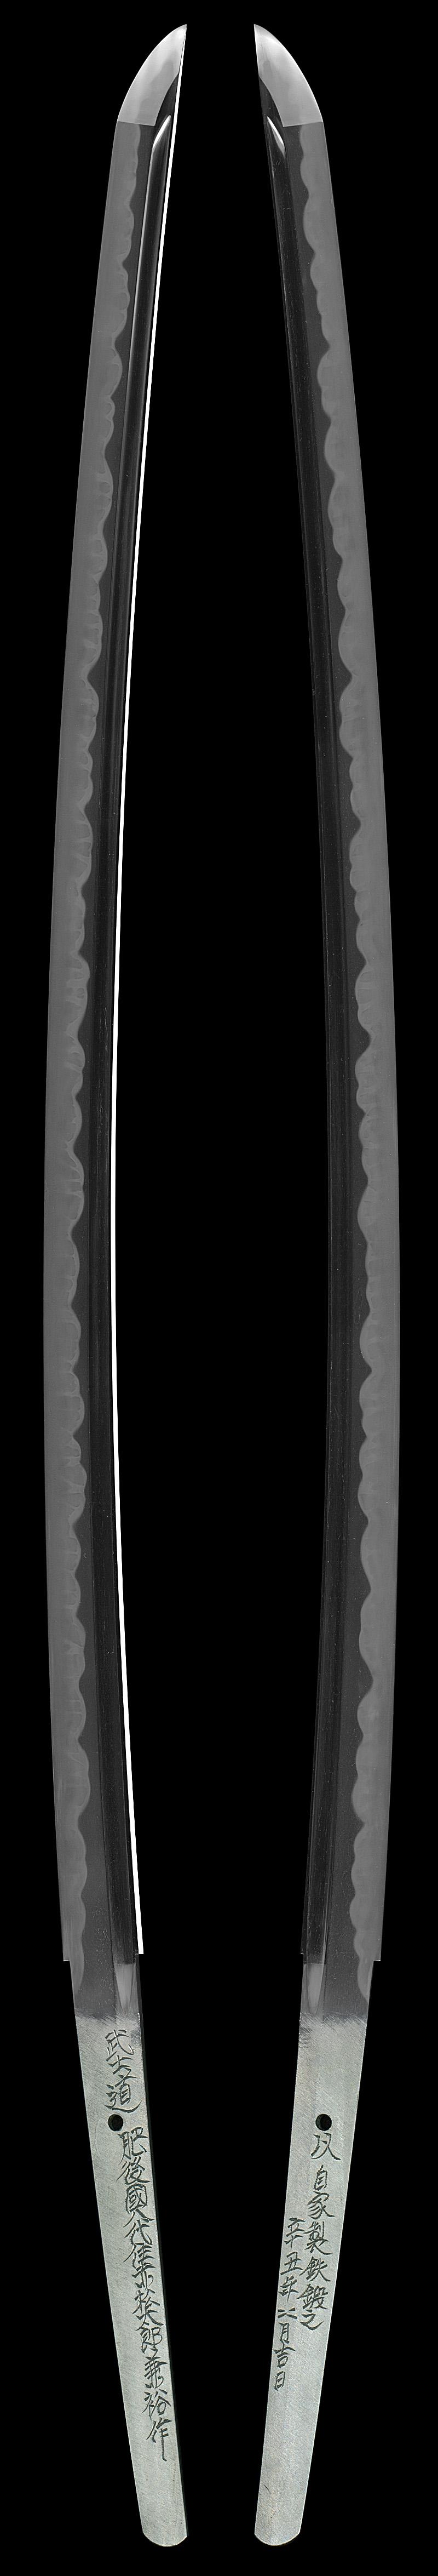 現代刀 刀 武士道 肥後國八代住赤松太郎兼裕作 (木村 馨) (新作刀)      以自家製鉄鍛之 辛丑年四月吉日Picture of whole